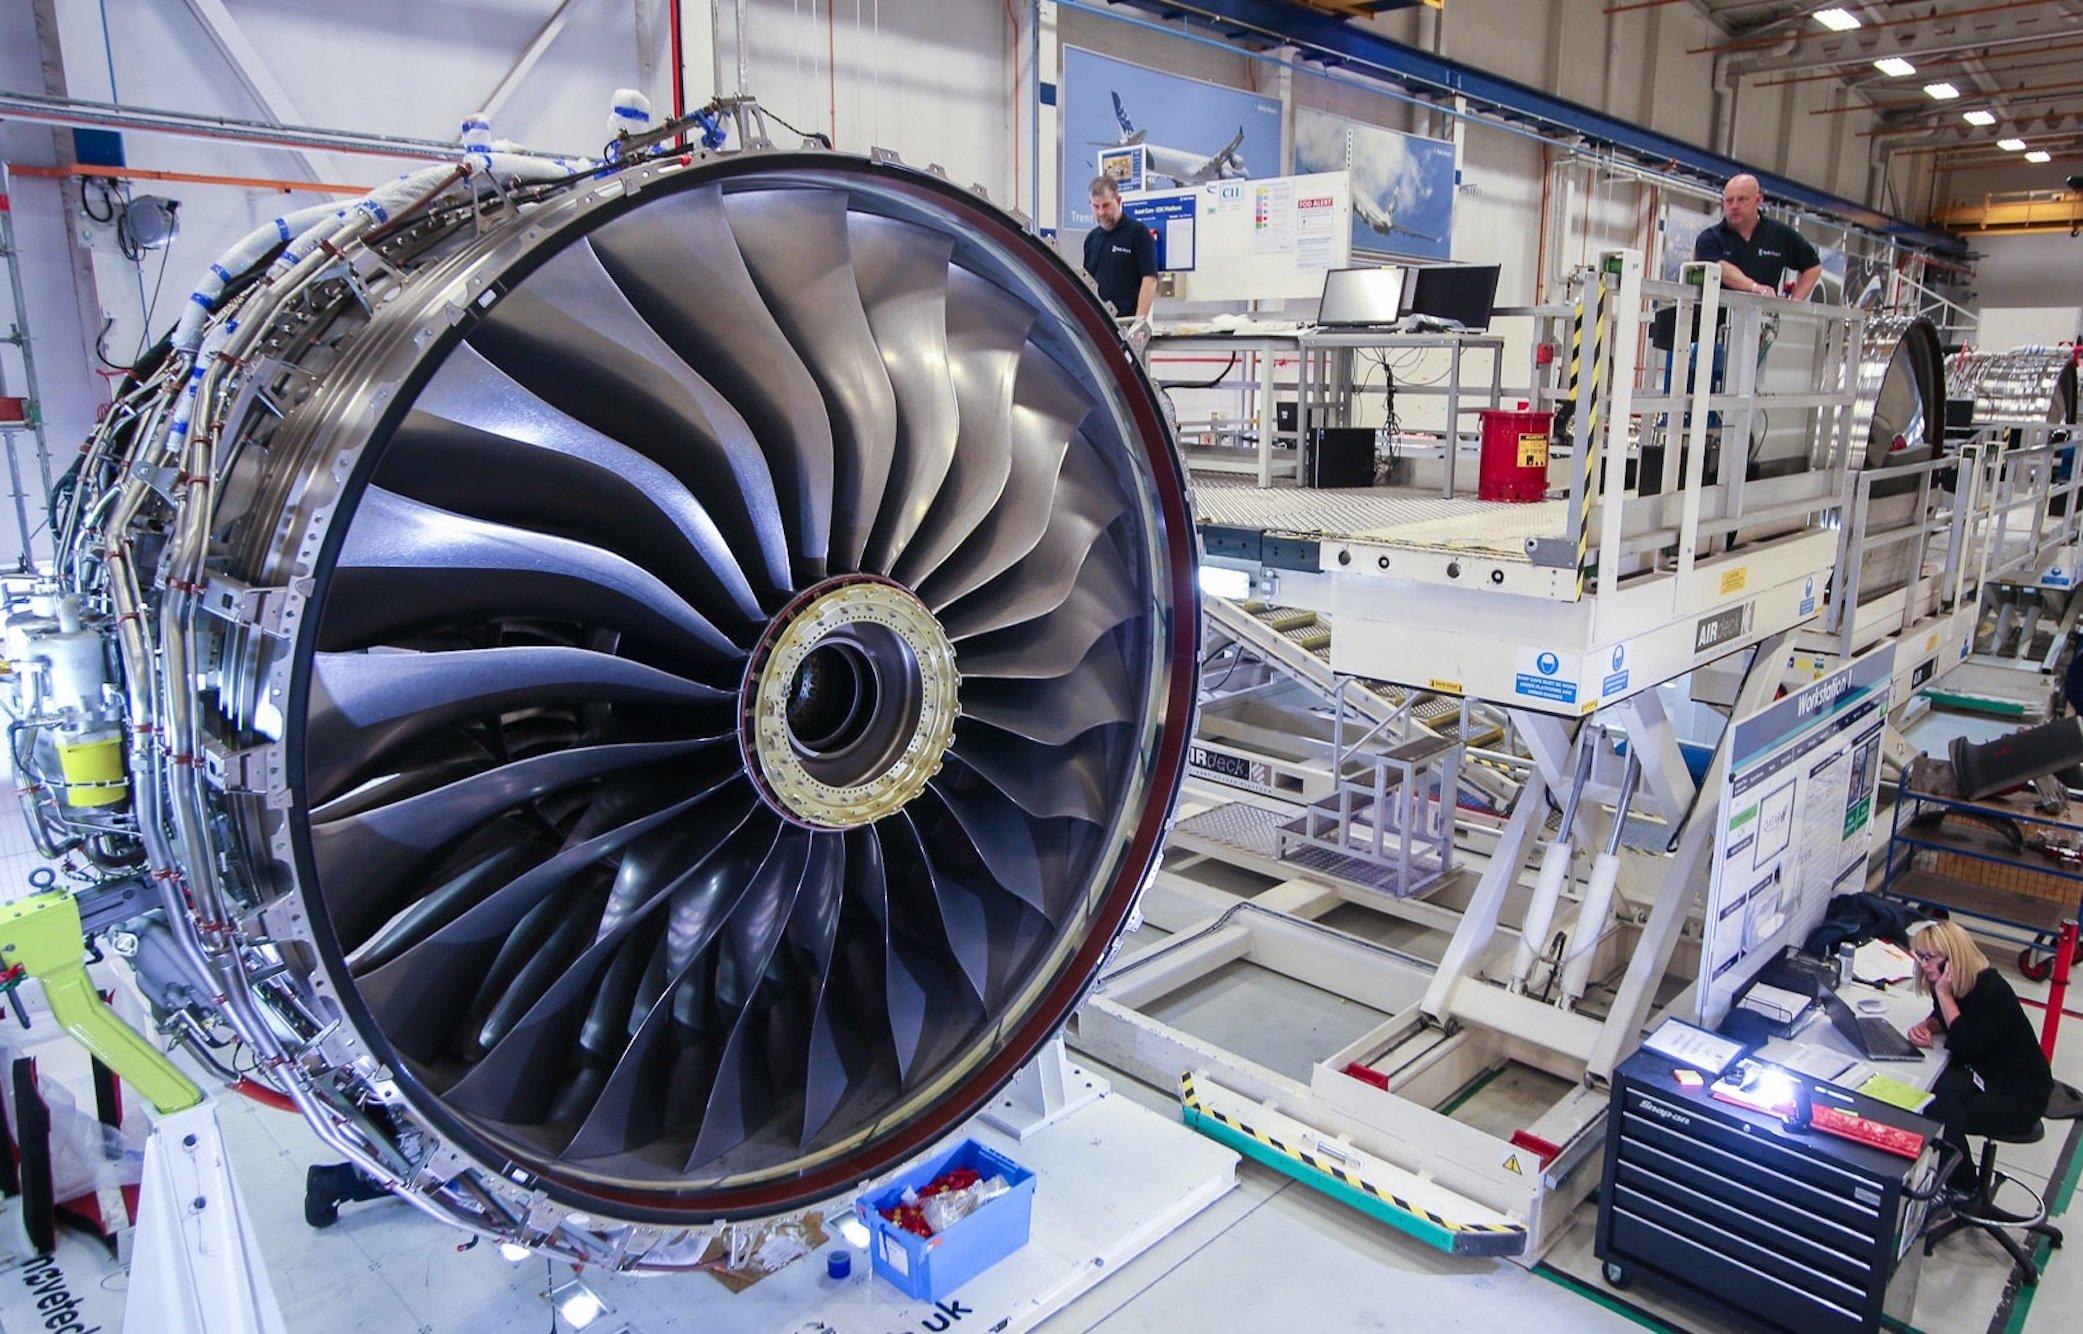 Überprüfung eines Rolls-Royce-Triebwerkes Trent XWB.